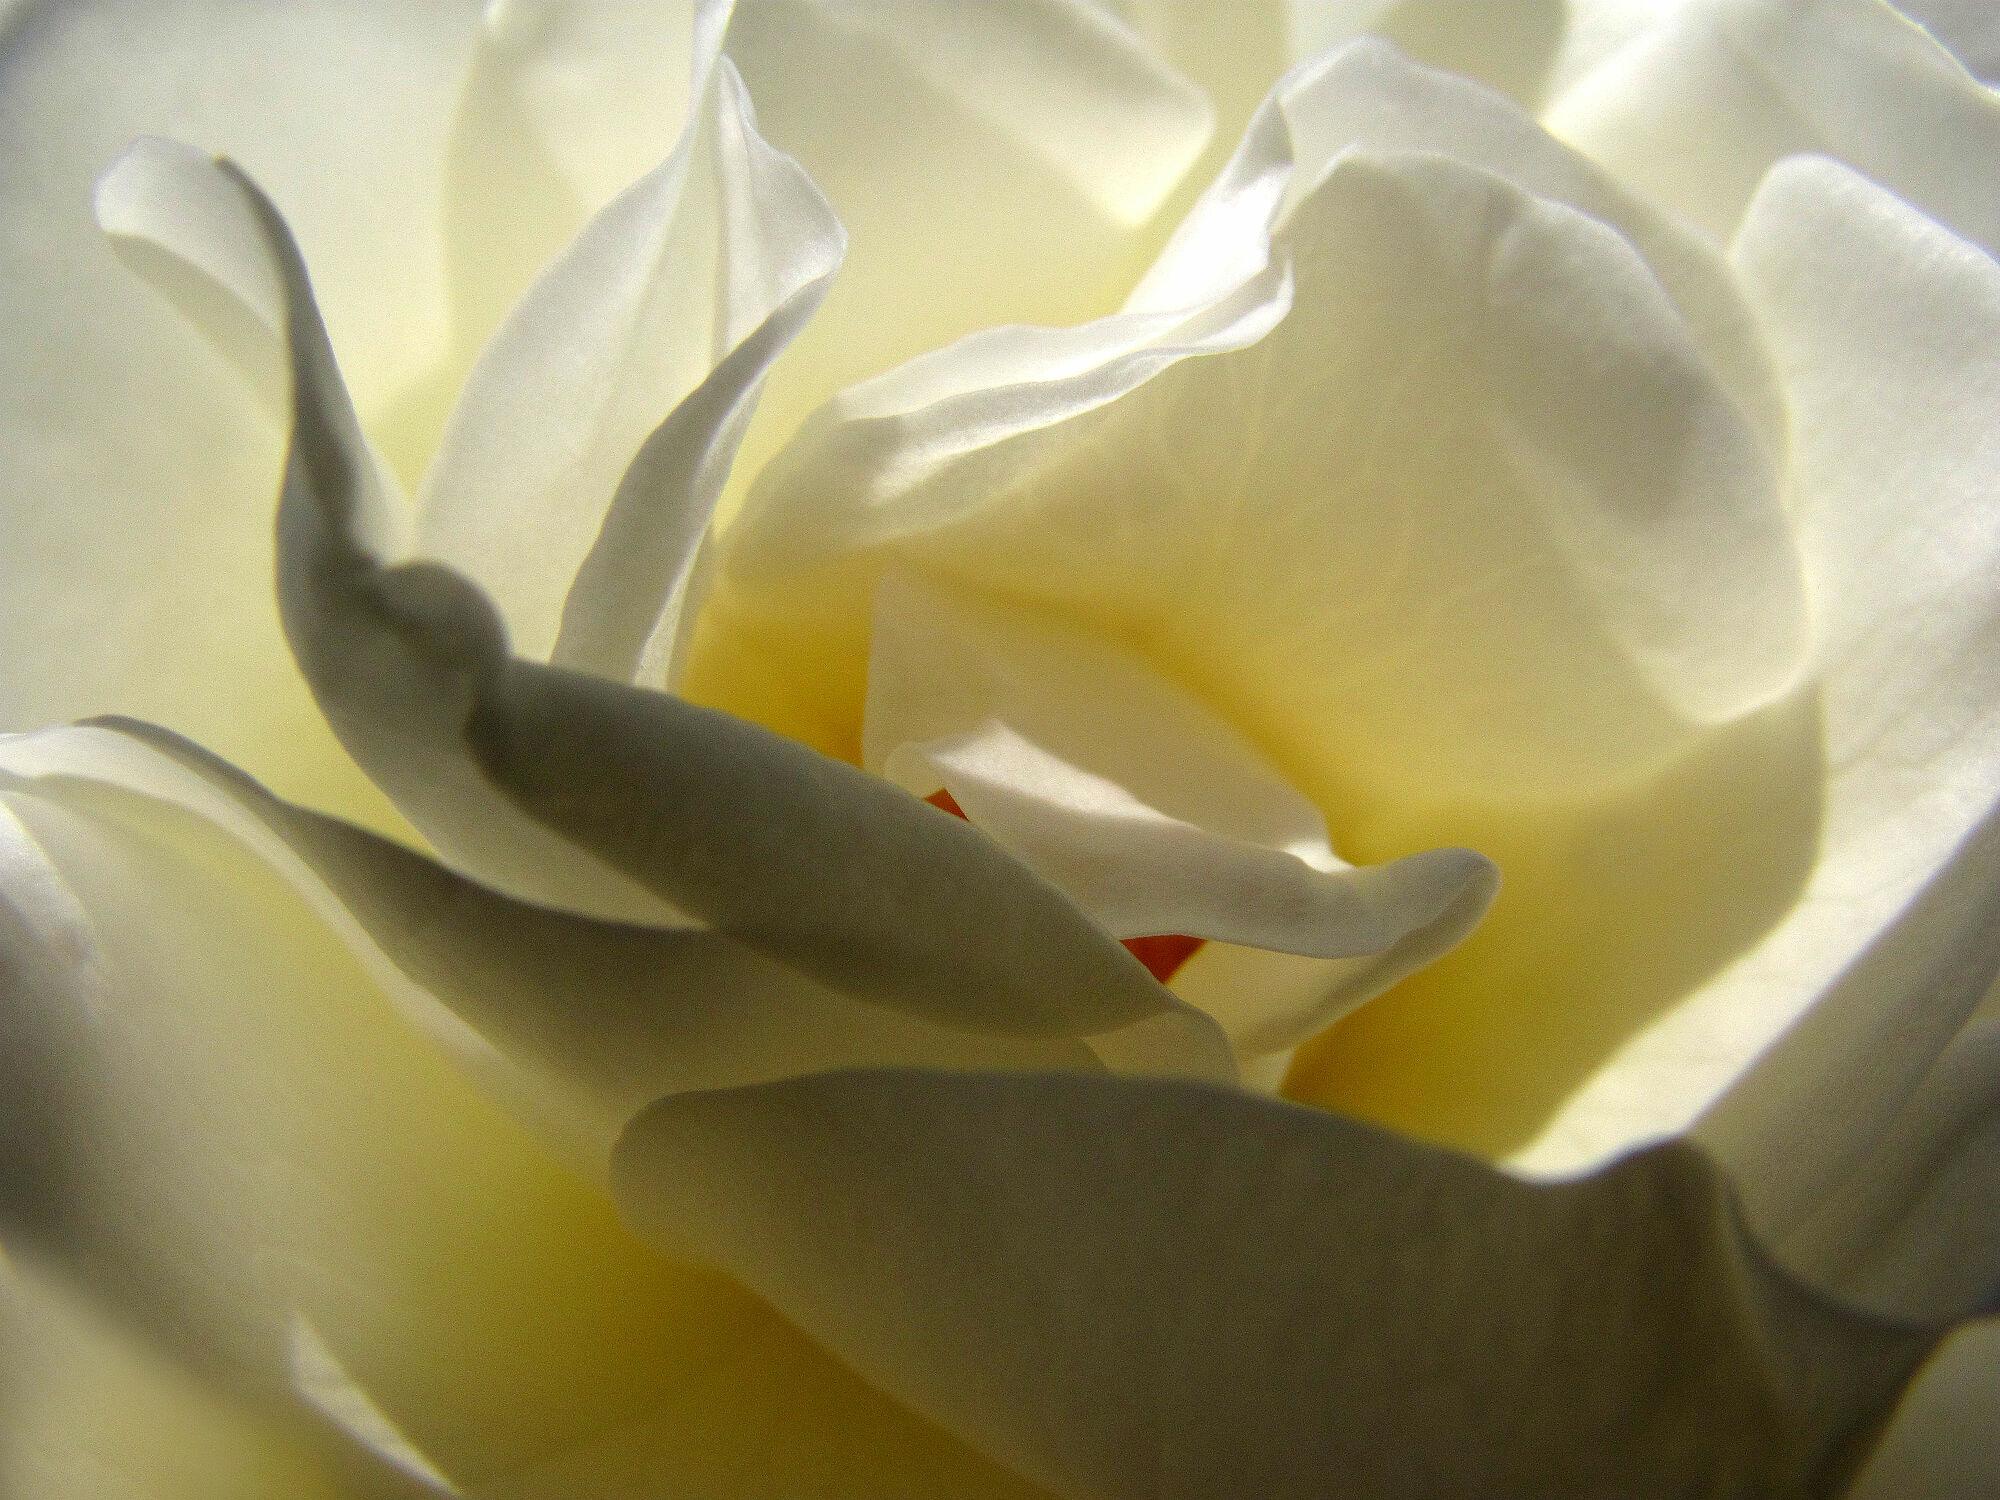 Bild mit Pflanzen, Weiß, Rosa, Frühling, Rosen, Sommer, Pflanze, Rose, romantik, Schönheit, Blüten, blüte, frühjahr, Liebe